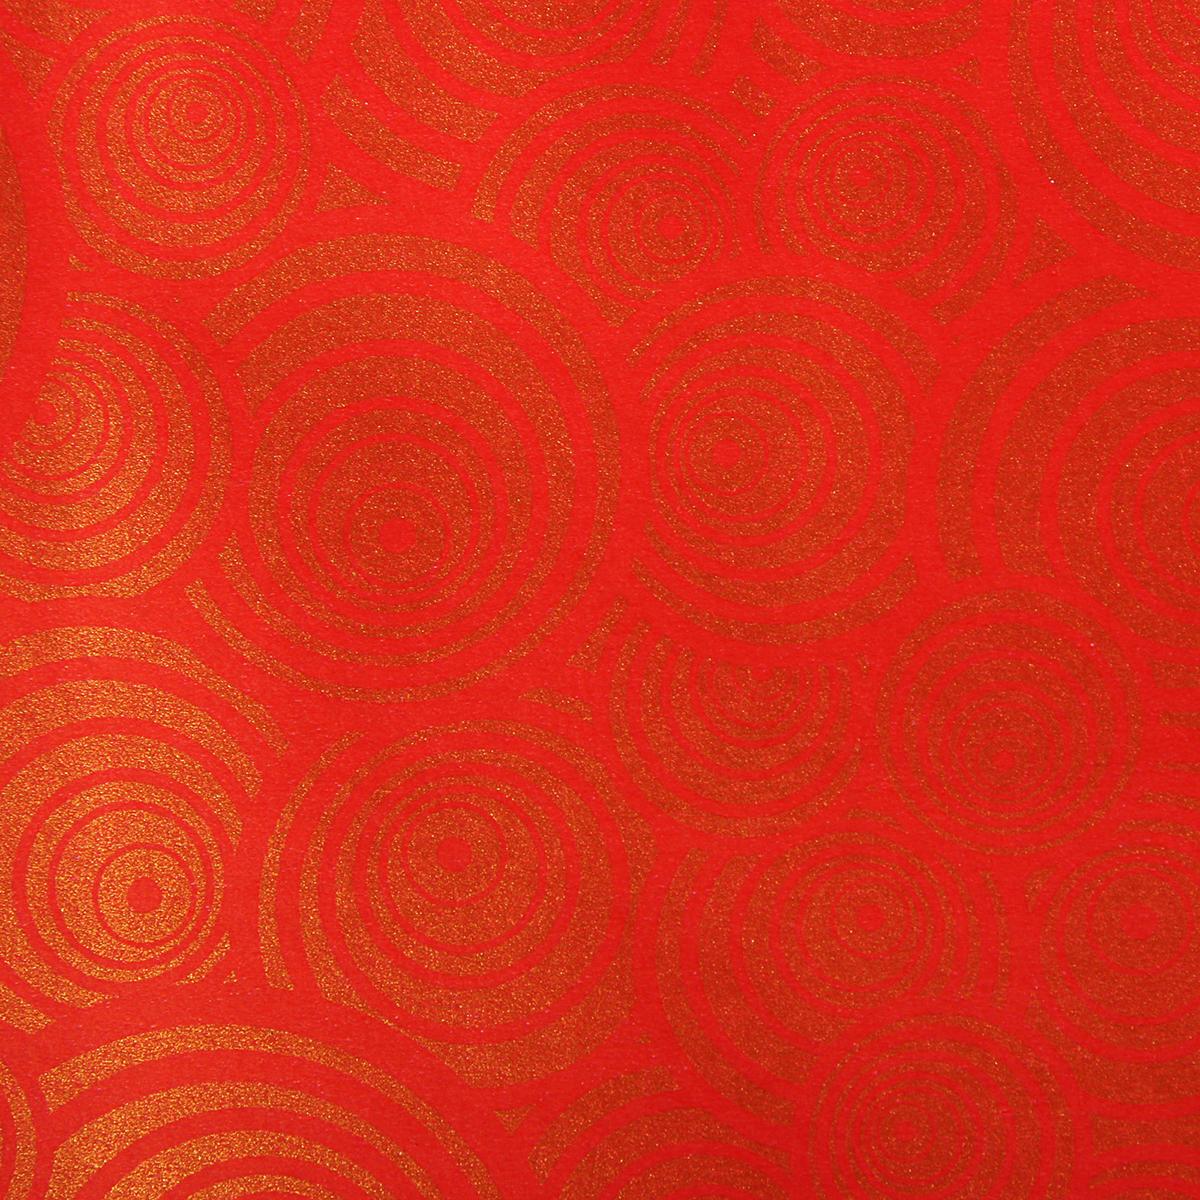 Бумага упаковочная Круги, 53 см х 10 м. 29663492966349Любой подарок начинается с упаковки. Что может быть трогательнее и волшебнее, чем ритуал разворачивания полученного презента. И именно оригинальная, со вкусом выбранная упаковка выделит ваш подарок из массы других. Она продемонстрирует самые тёплые чувства к виновнику торжества и создаст сказочную атмосферу праздника. — это то, что вы искали.